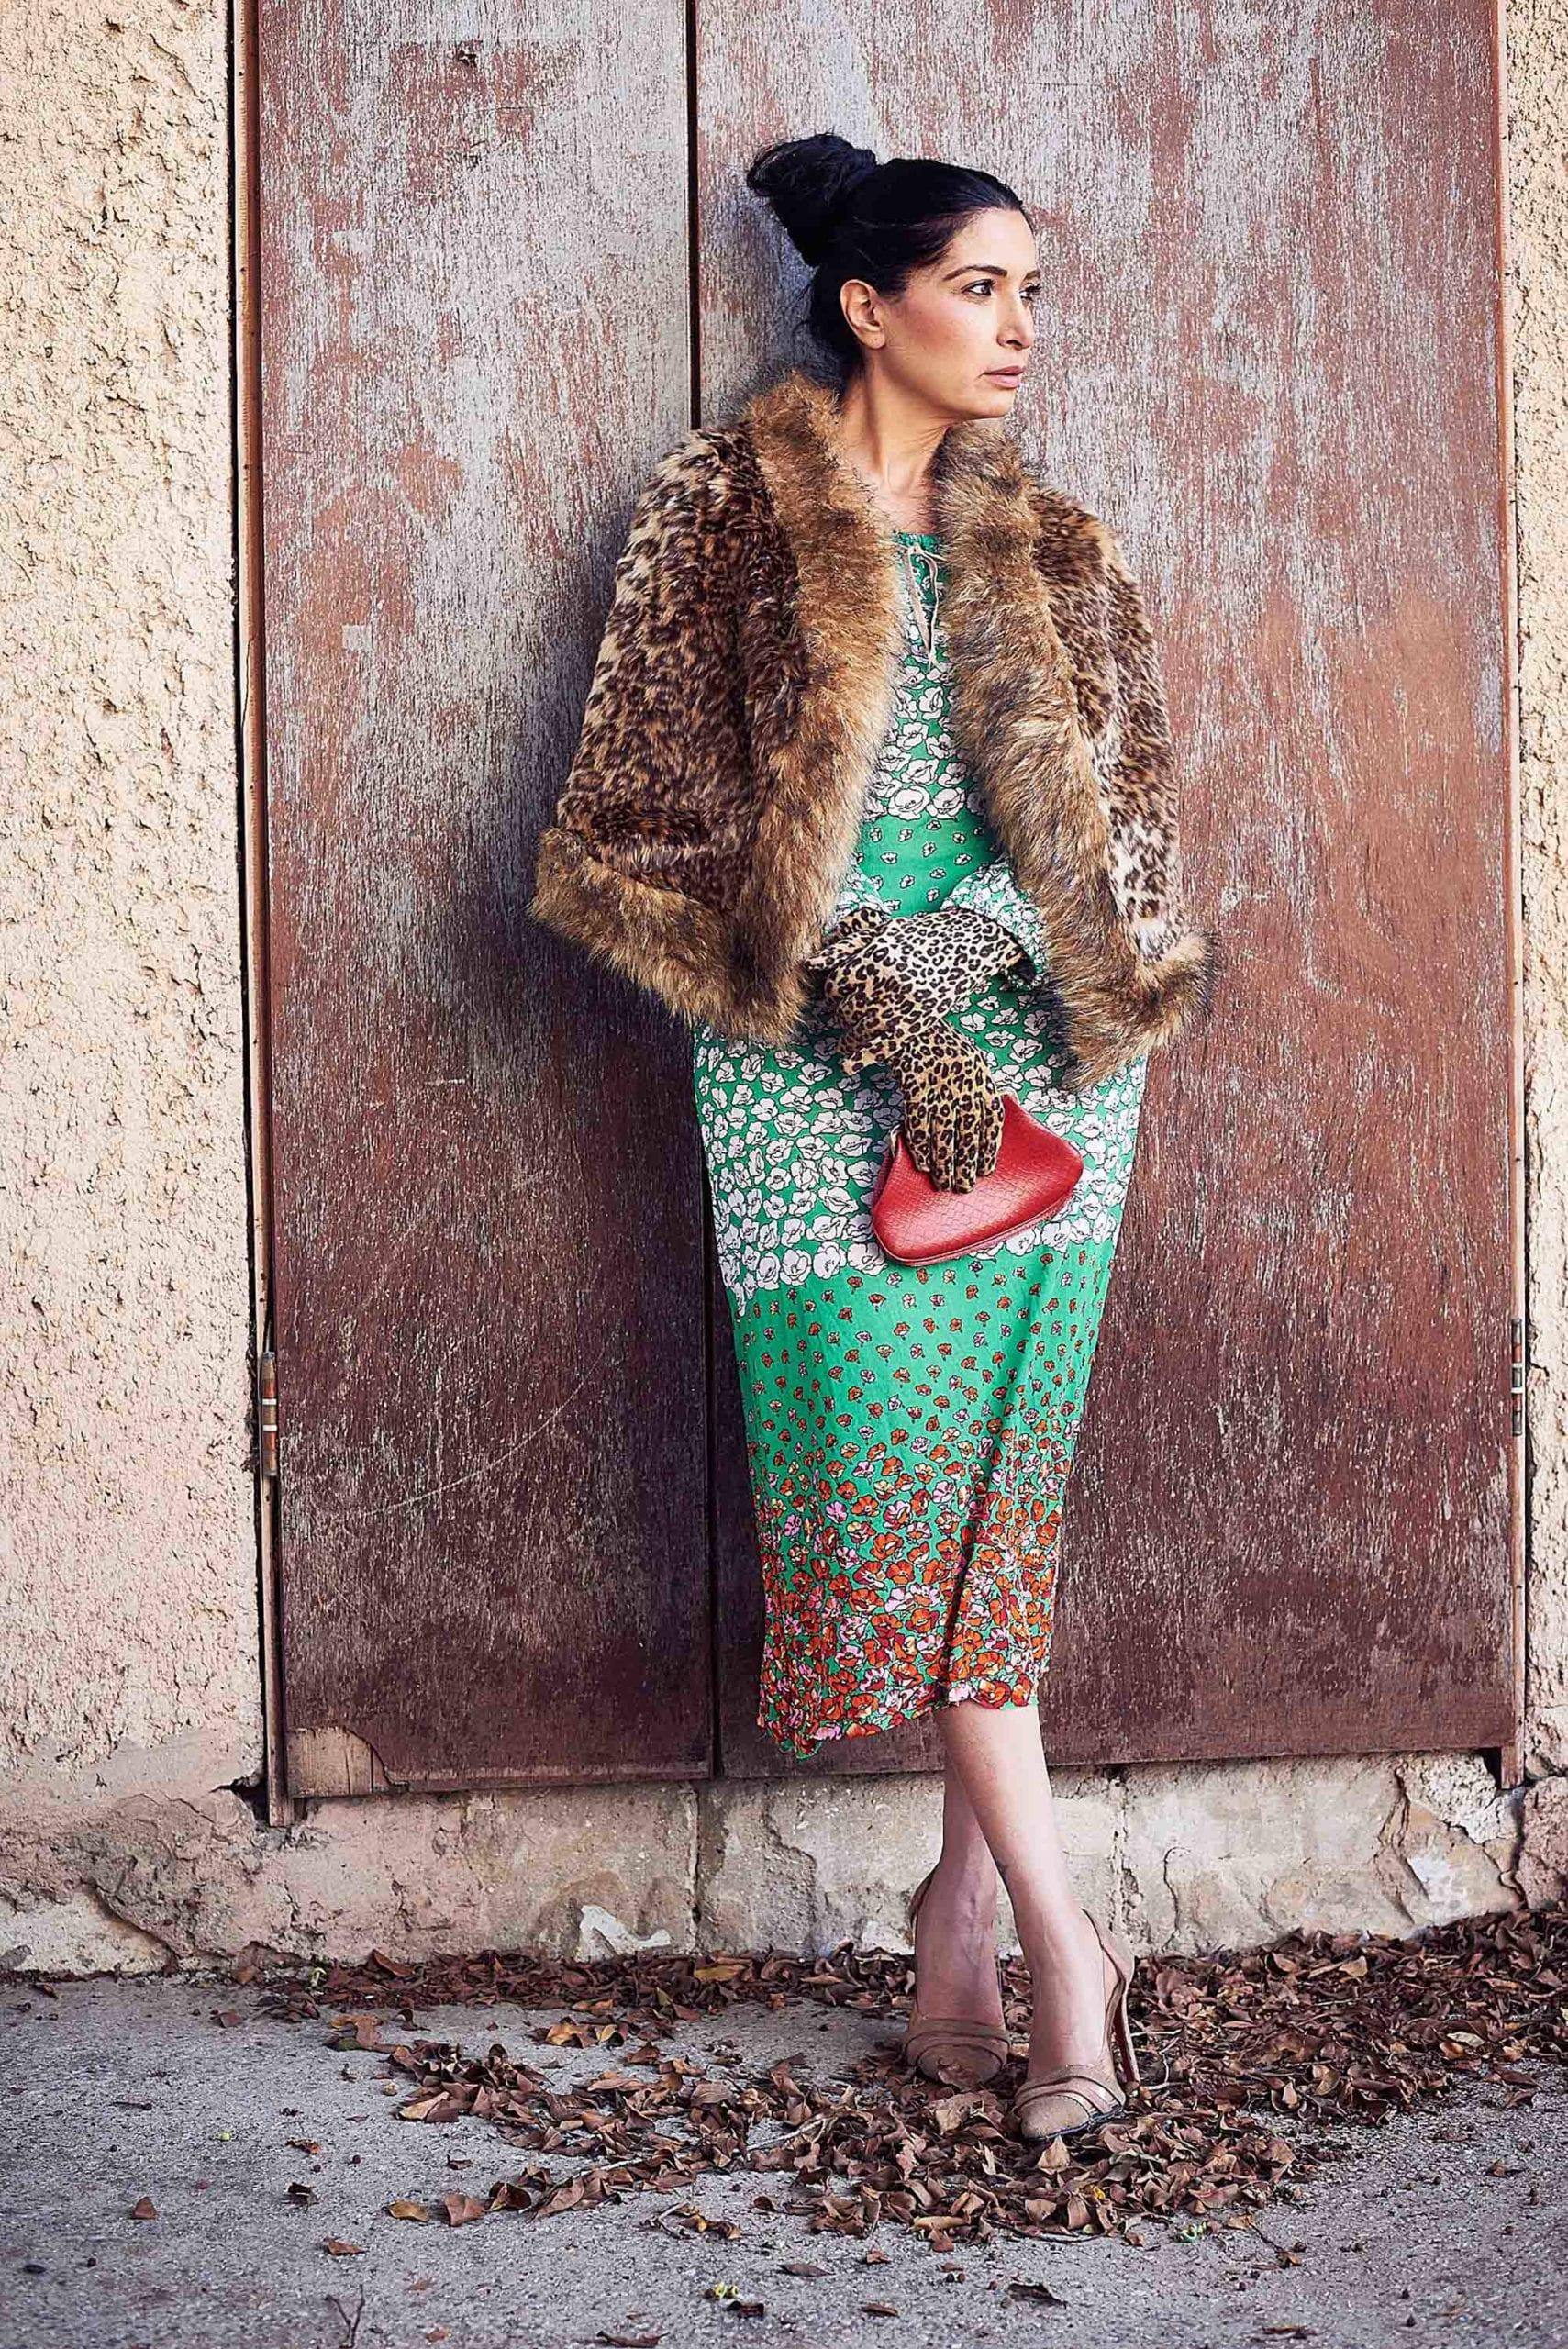 שכמייה, מאיה אושרי כהן, kim kandler, מגזין אופנה ישראלי - 7